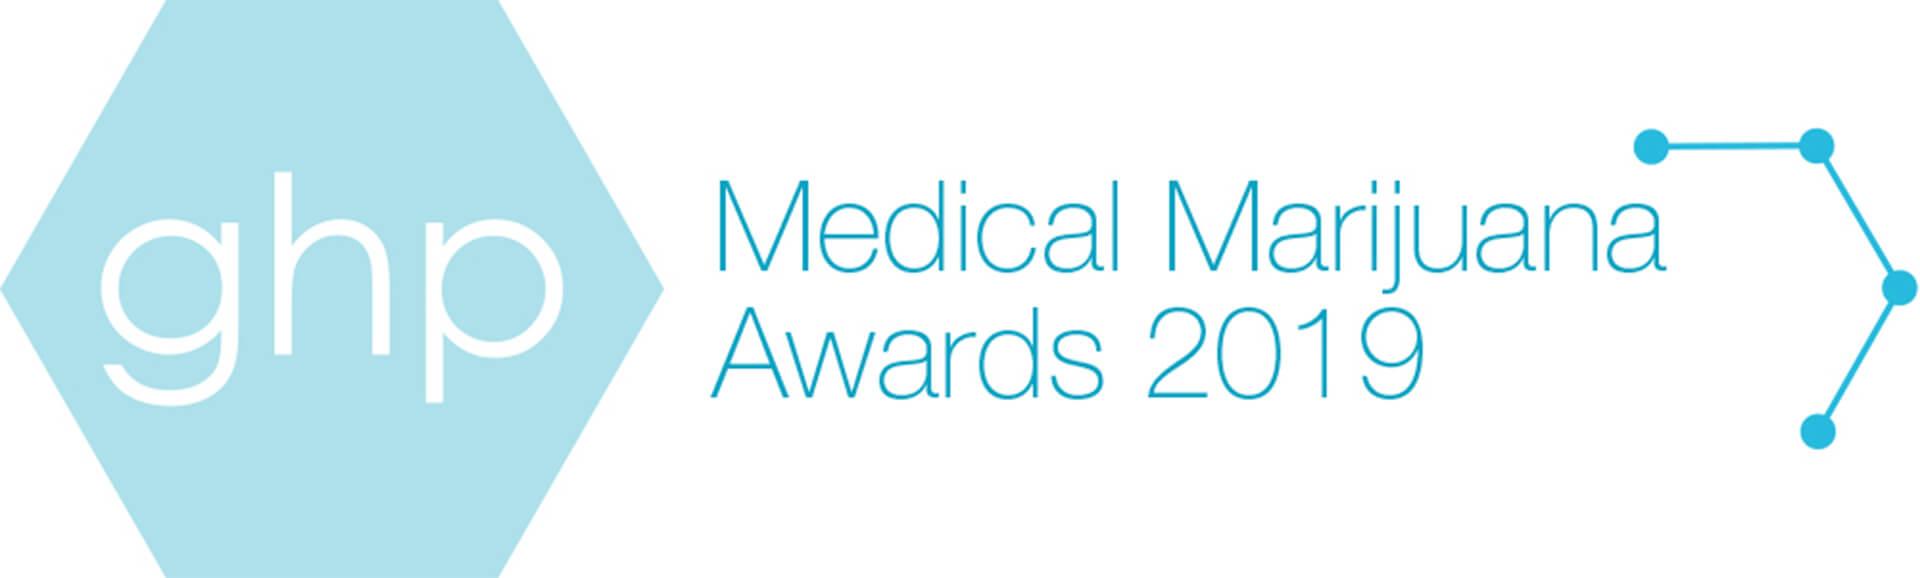 Medical Marijuana Awards